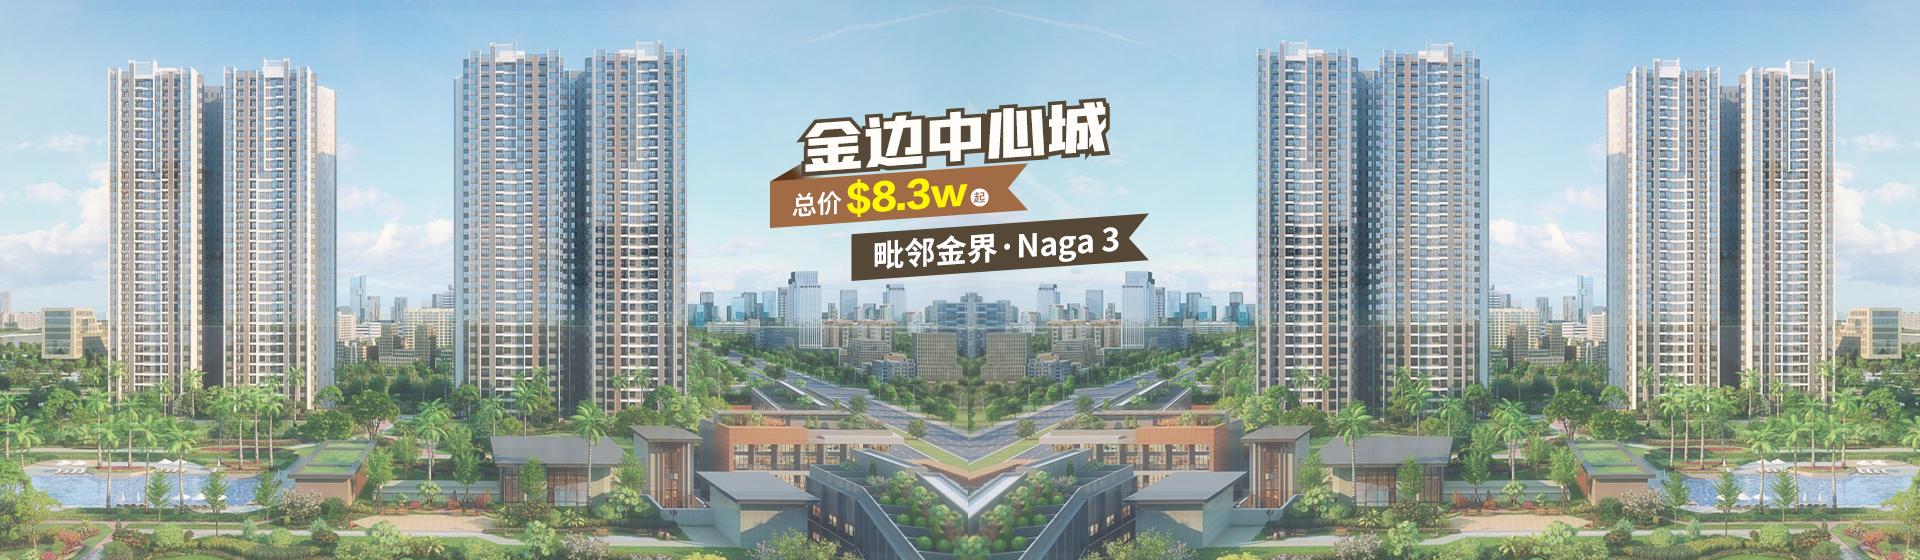 金边中心城 pc banner cn